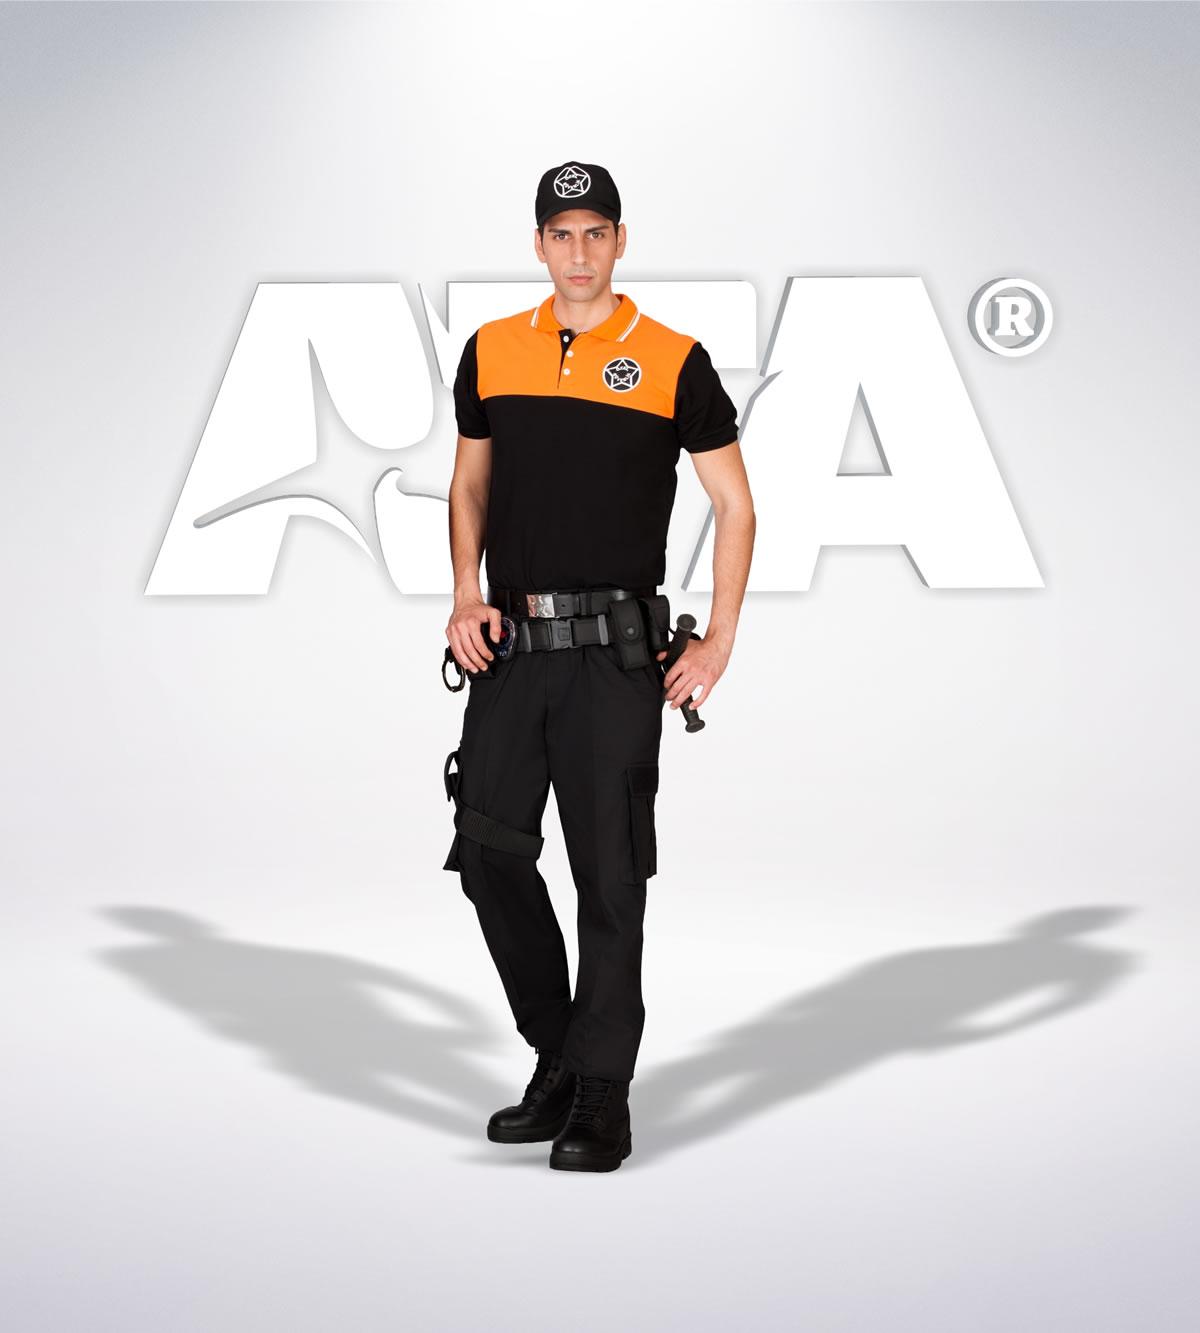 ATA 104 - ribstop kumaş pantolon - t-shirt - aksesuar - güvenlik elbiseleri | güvenlik üniformaları | güvenlik kıyafetleri